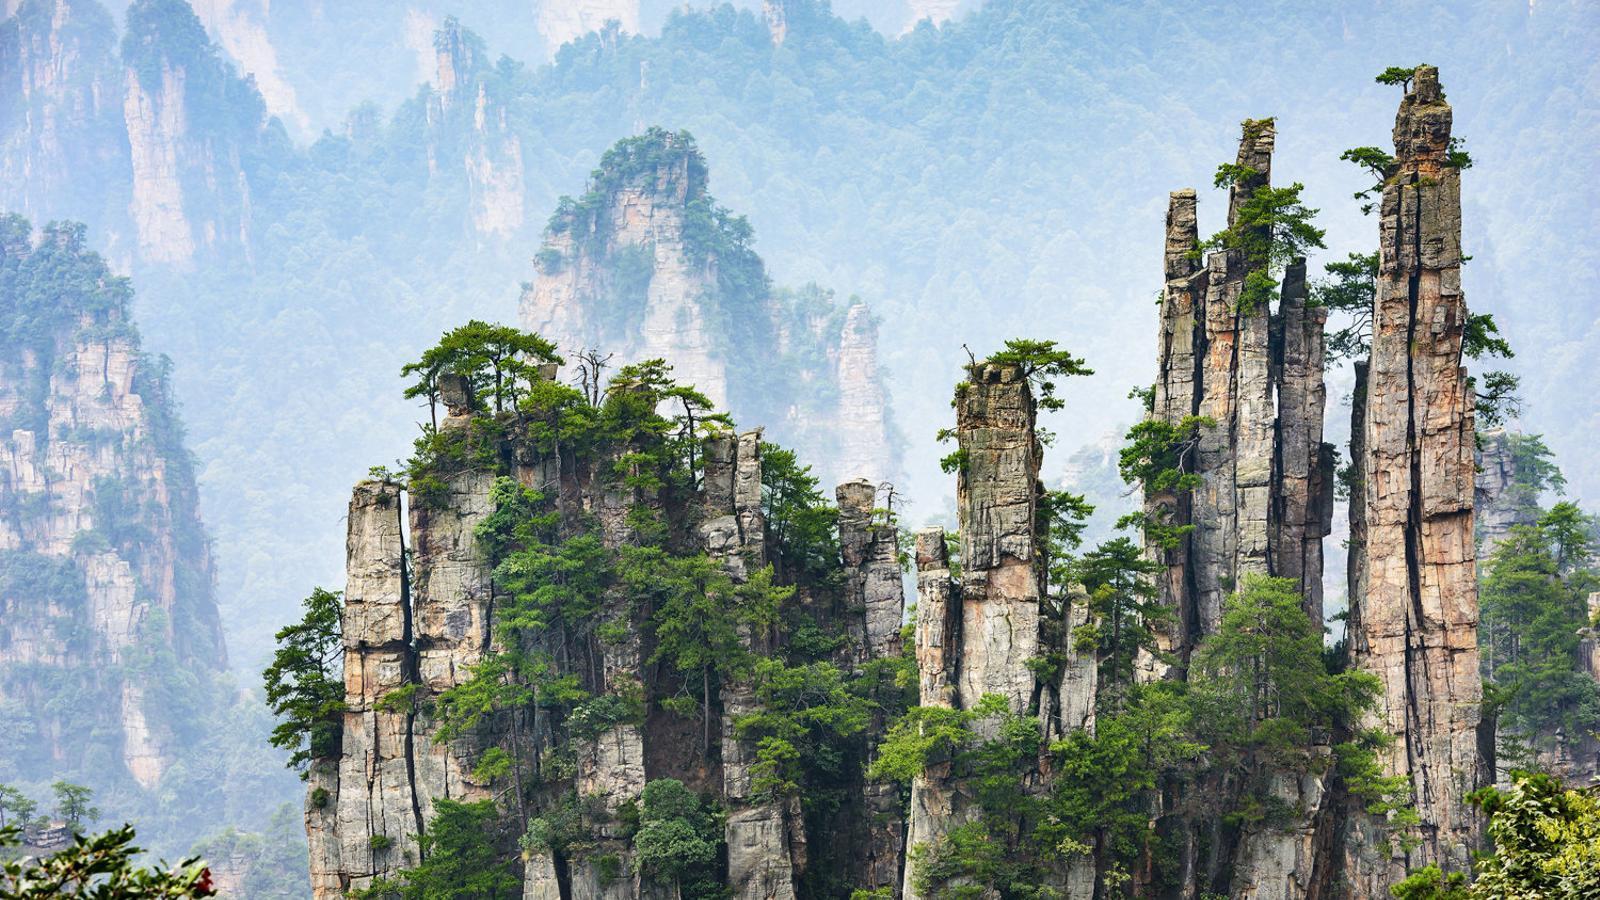 Muntanyes a la regió de Wulingyuan, a la Xina.